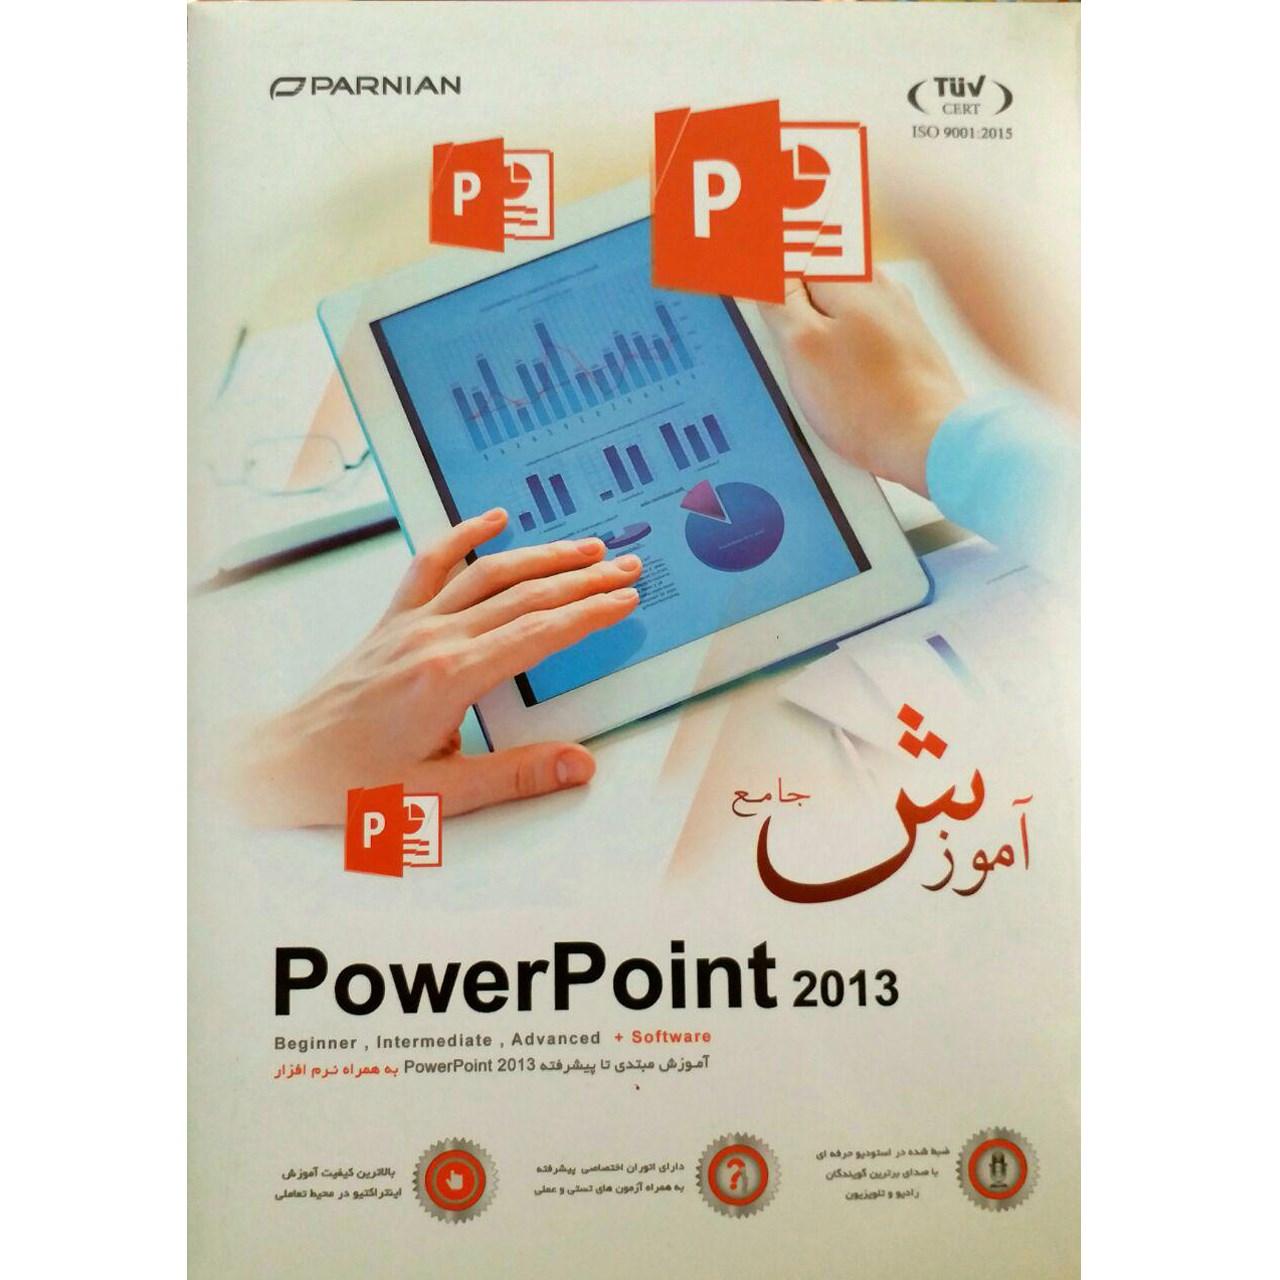 نرم افزار آموزش جامع Power Point 2013 نشر پرنیان